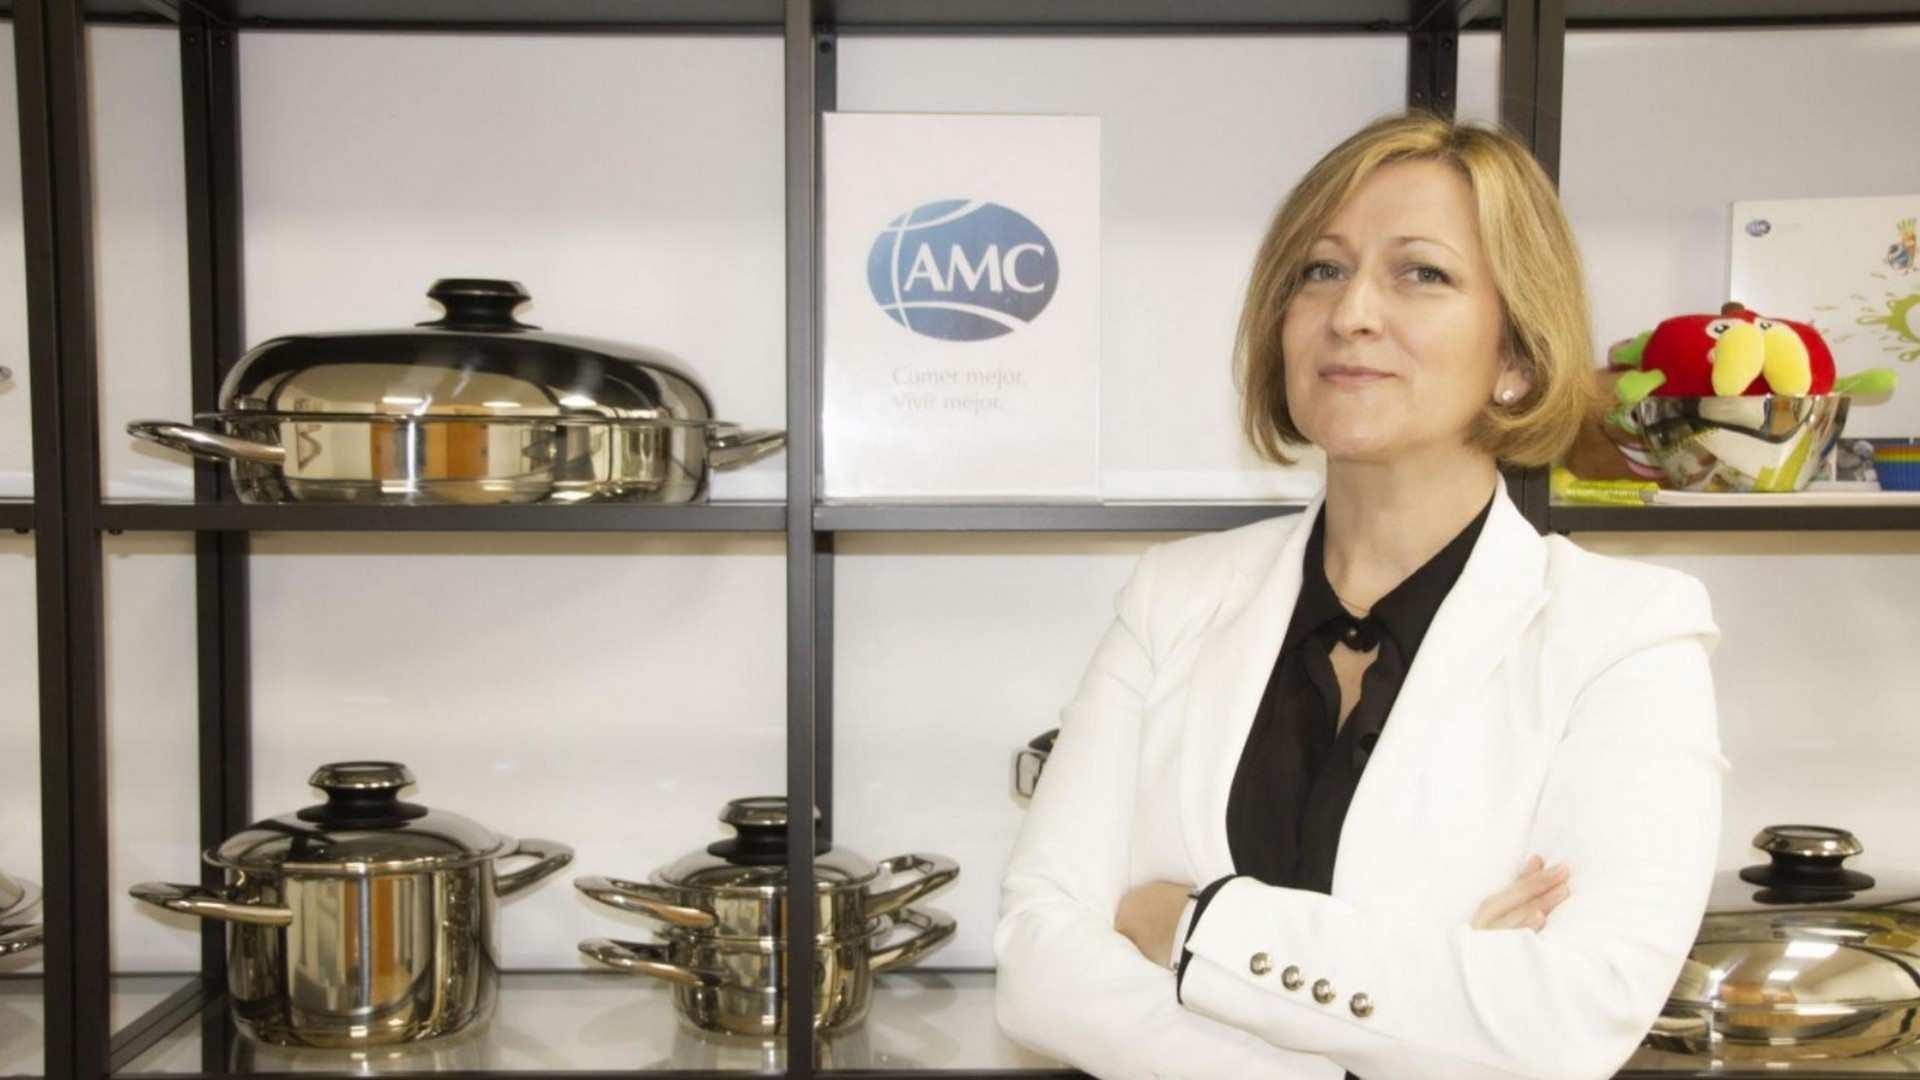 """Cinzia Di Michele, directora general de AMC: """" Cocinar verduras sin añadir agua retiene hasta un 50% más de vitaminas"""""""